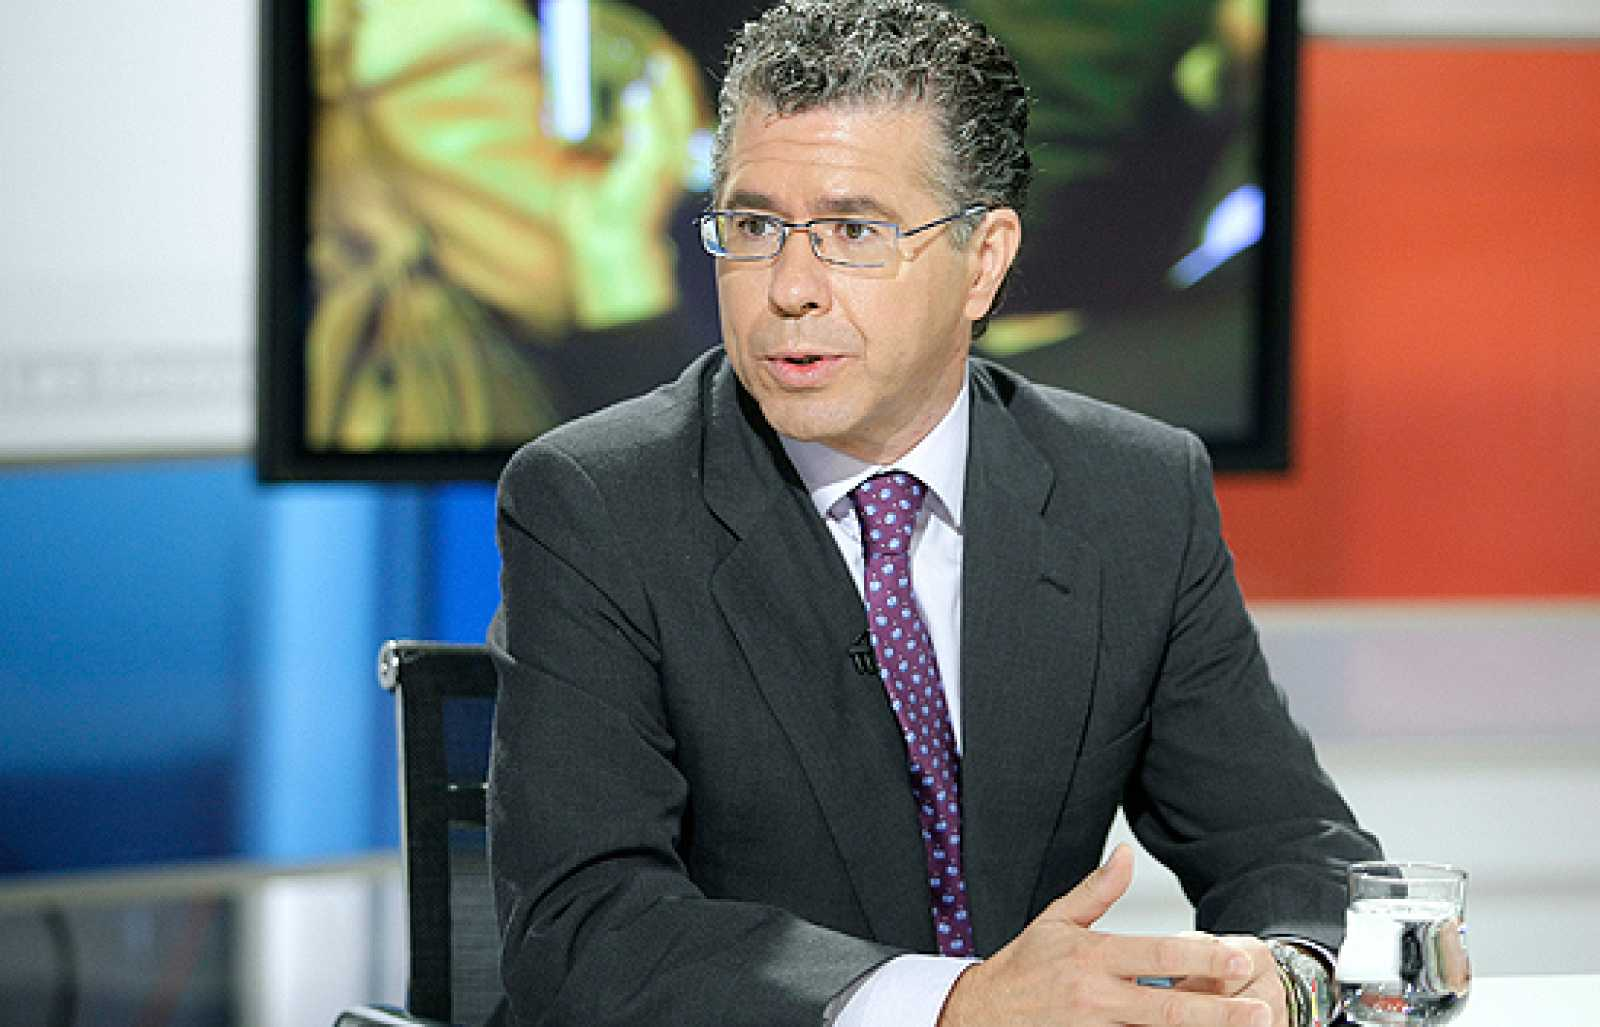 Entrevista de Granados en Los Desayunos de TVE (29/10/09)